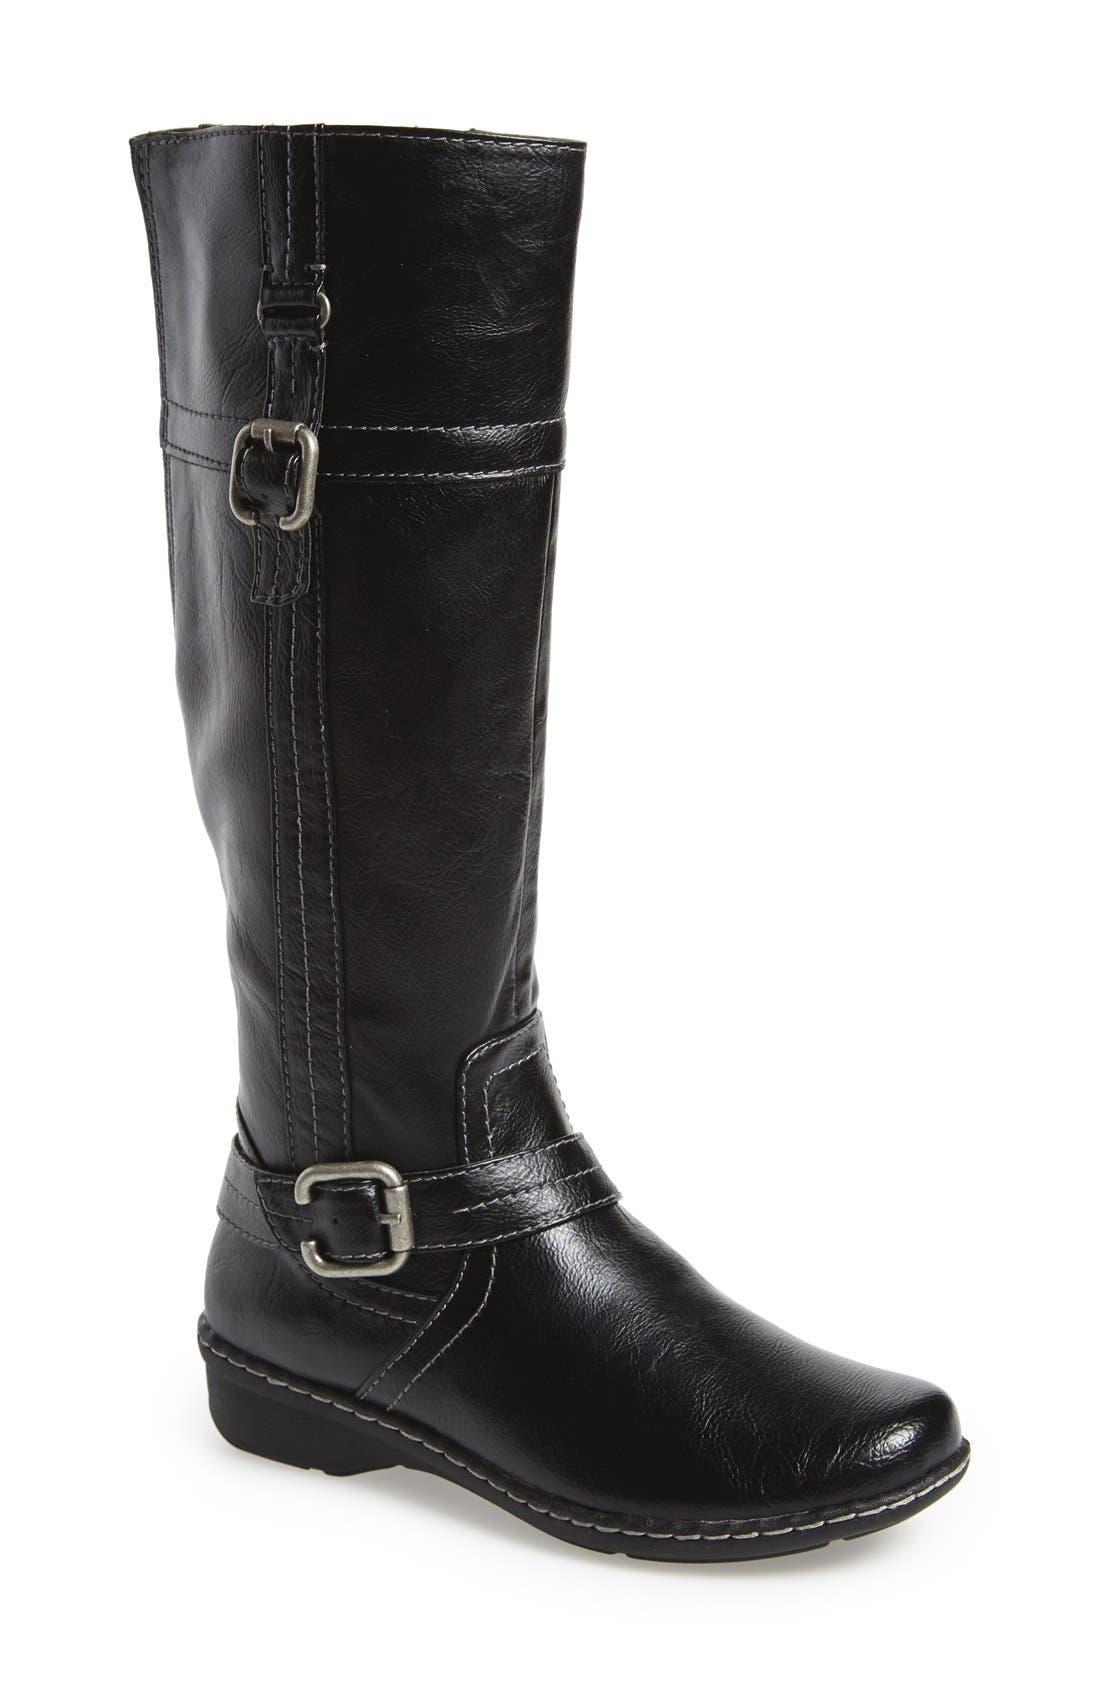 Main Image - Naturalizer'Renna' Knee High Boot (Women)